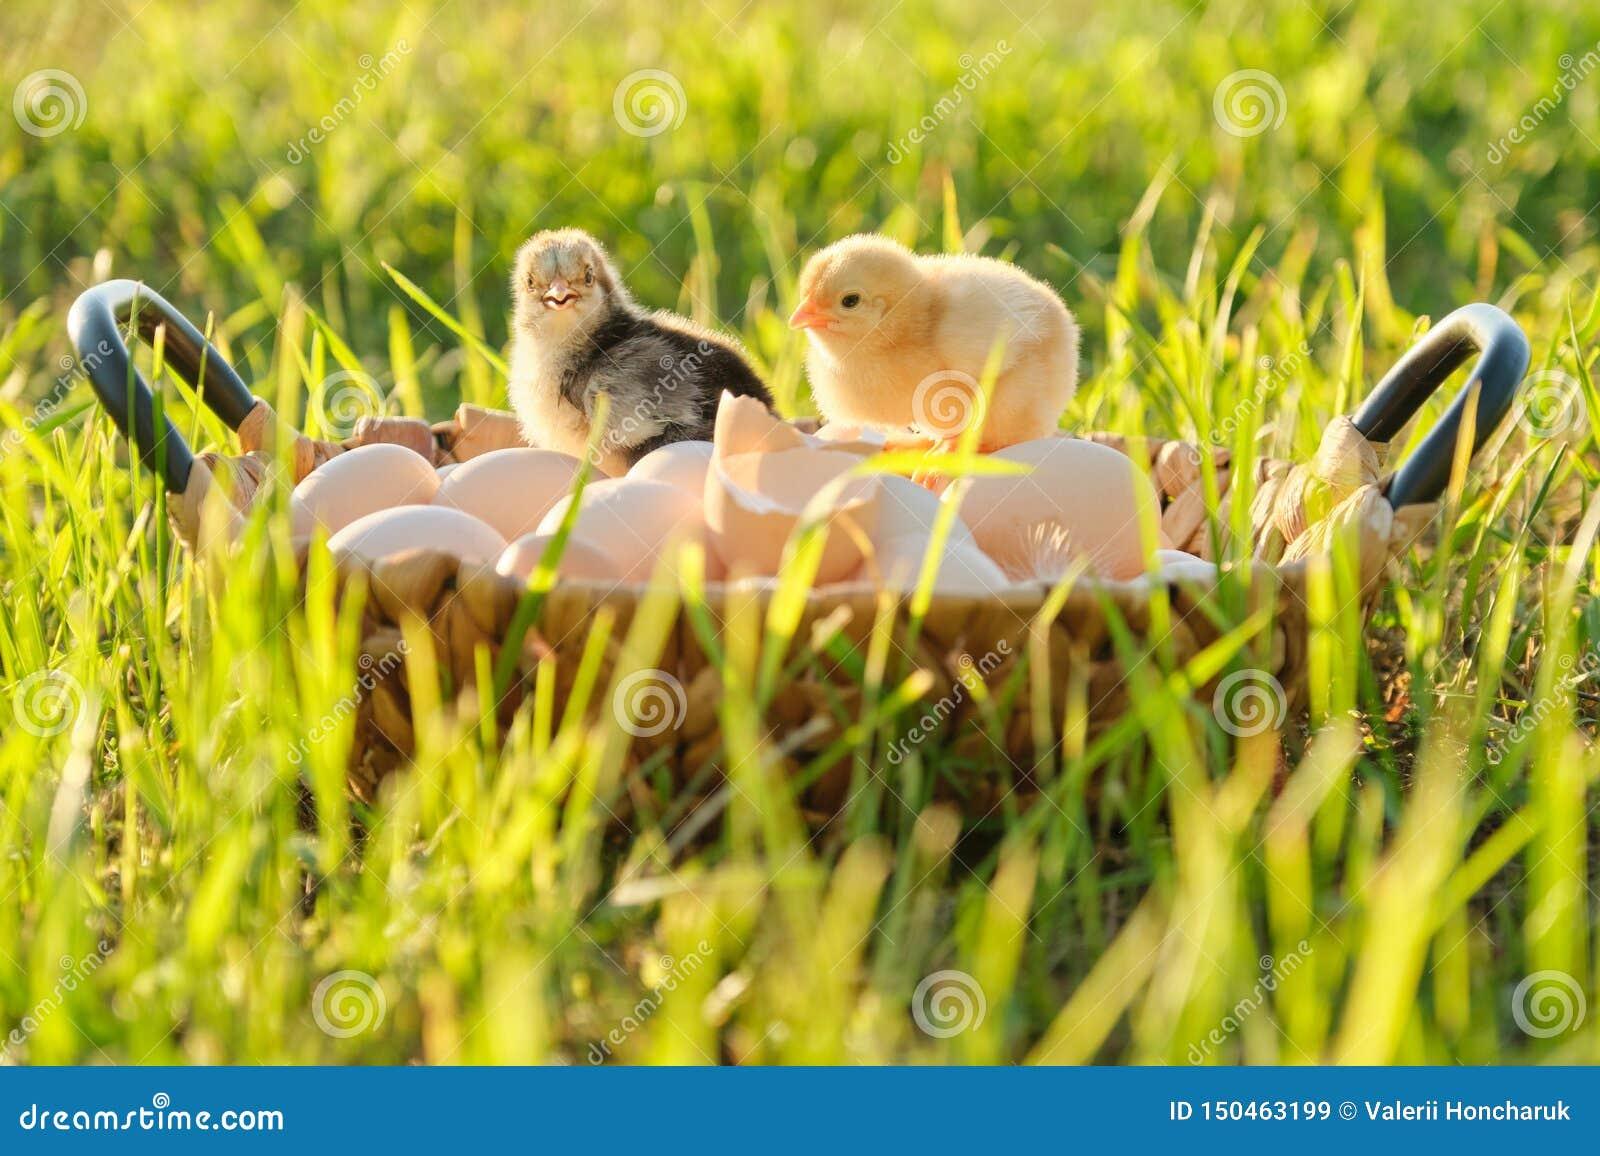 Cesta con los huevos orgánicos frescos naturales con dos pequeños pollos recién nacidos del bebé, fondo de la naturaleza de la hi